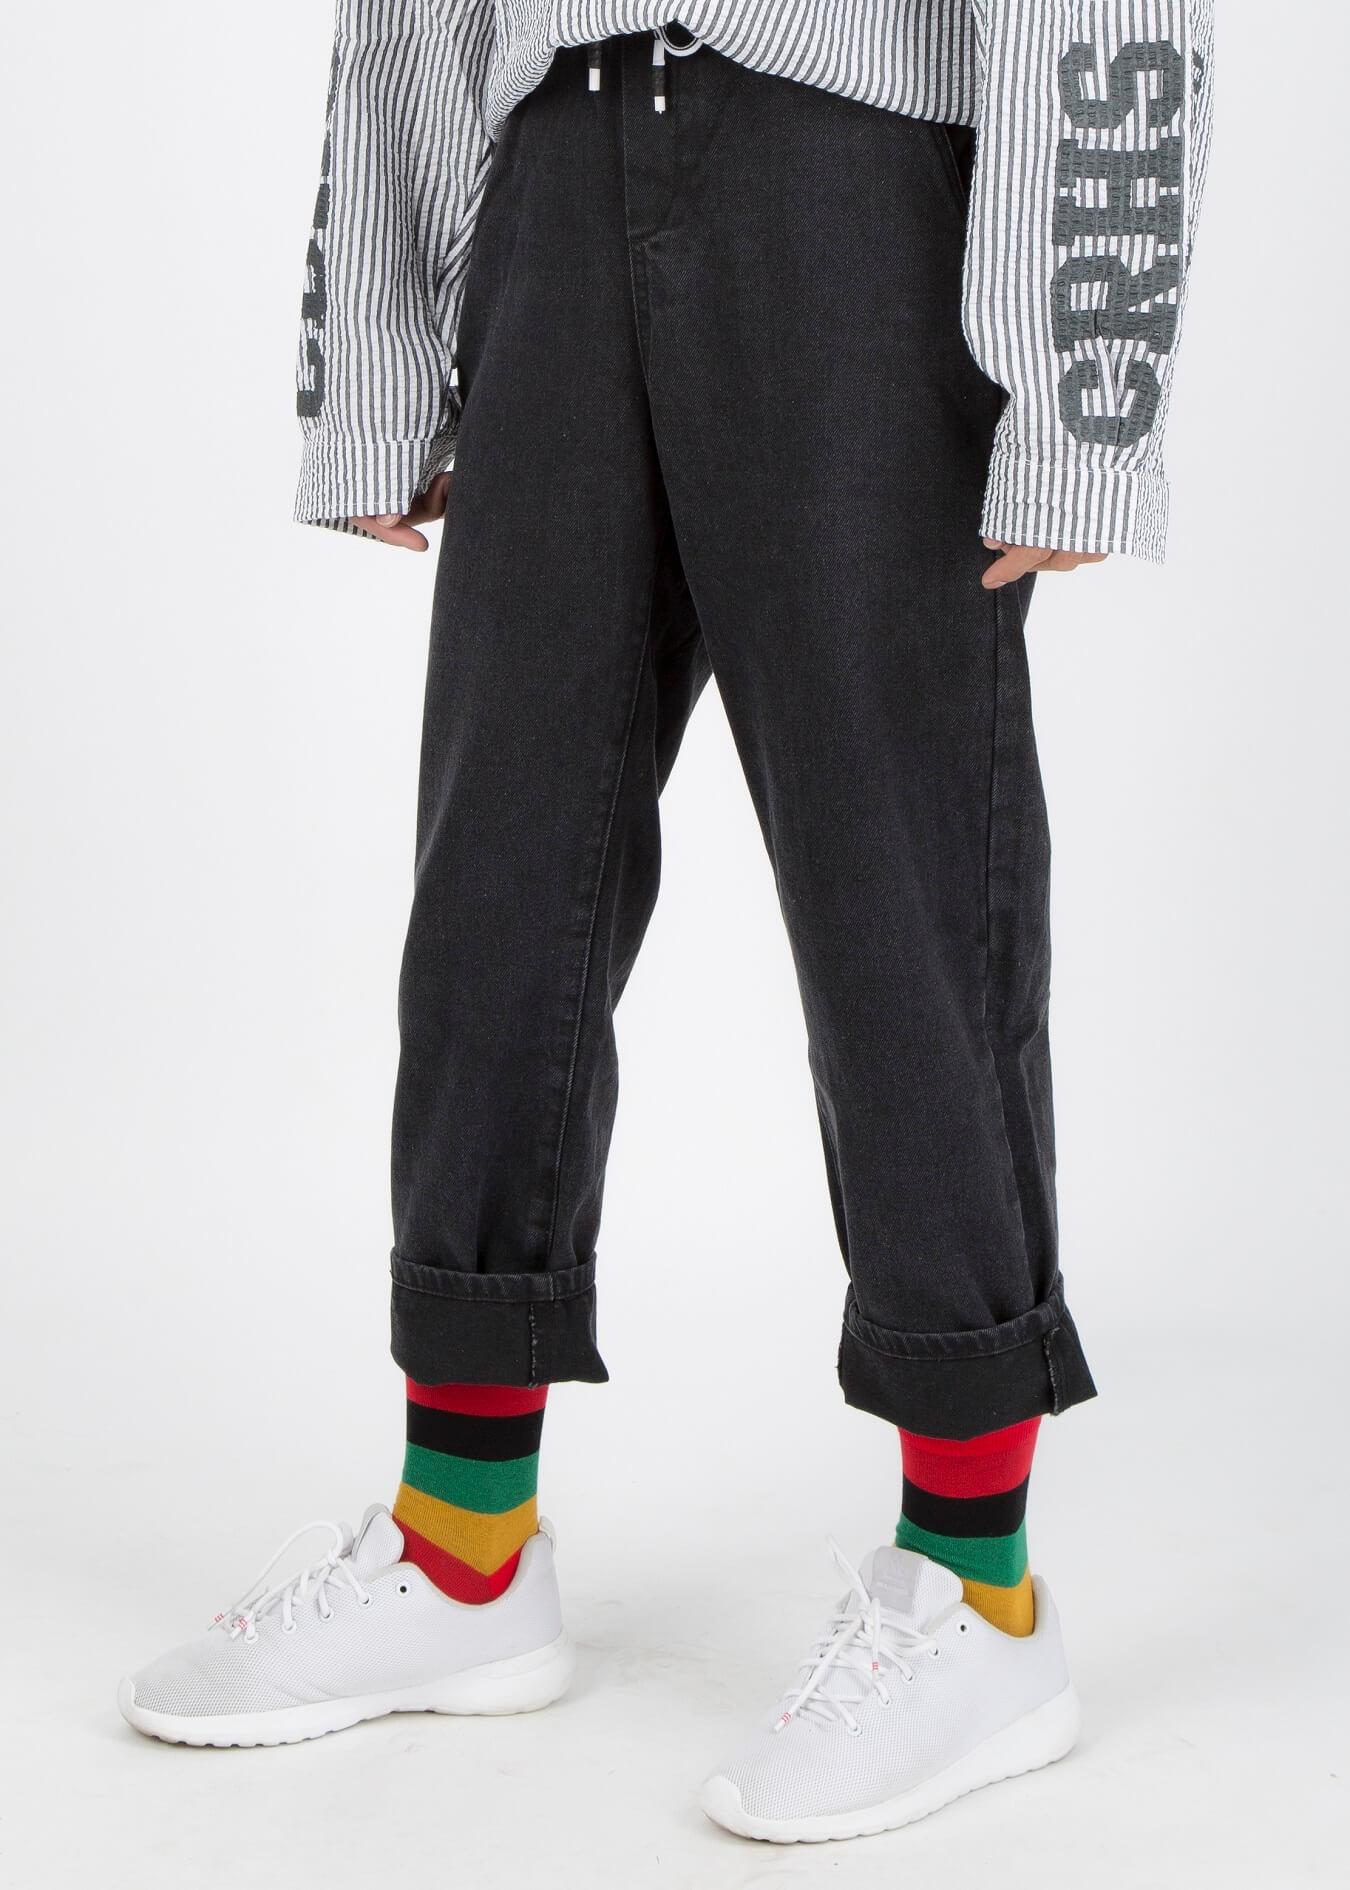 Cũng là giày sneaker kết hợp cùng quần jean ống suông, nhưng điểm nhấn đến từ vết rách của quần và đôi vớ màu sắc